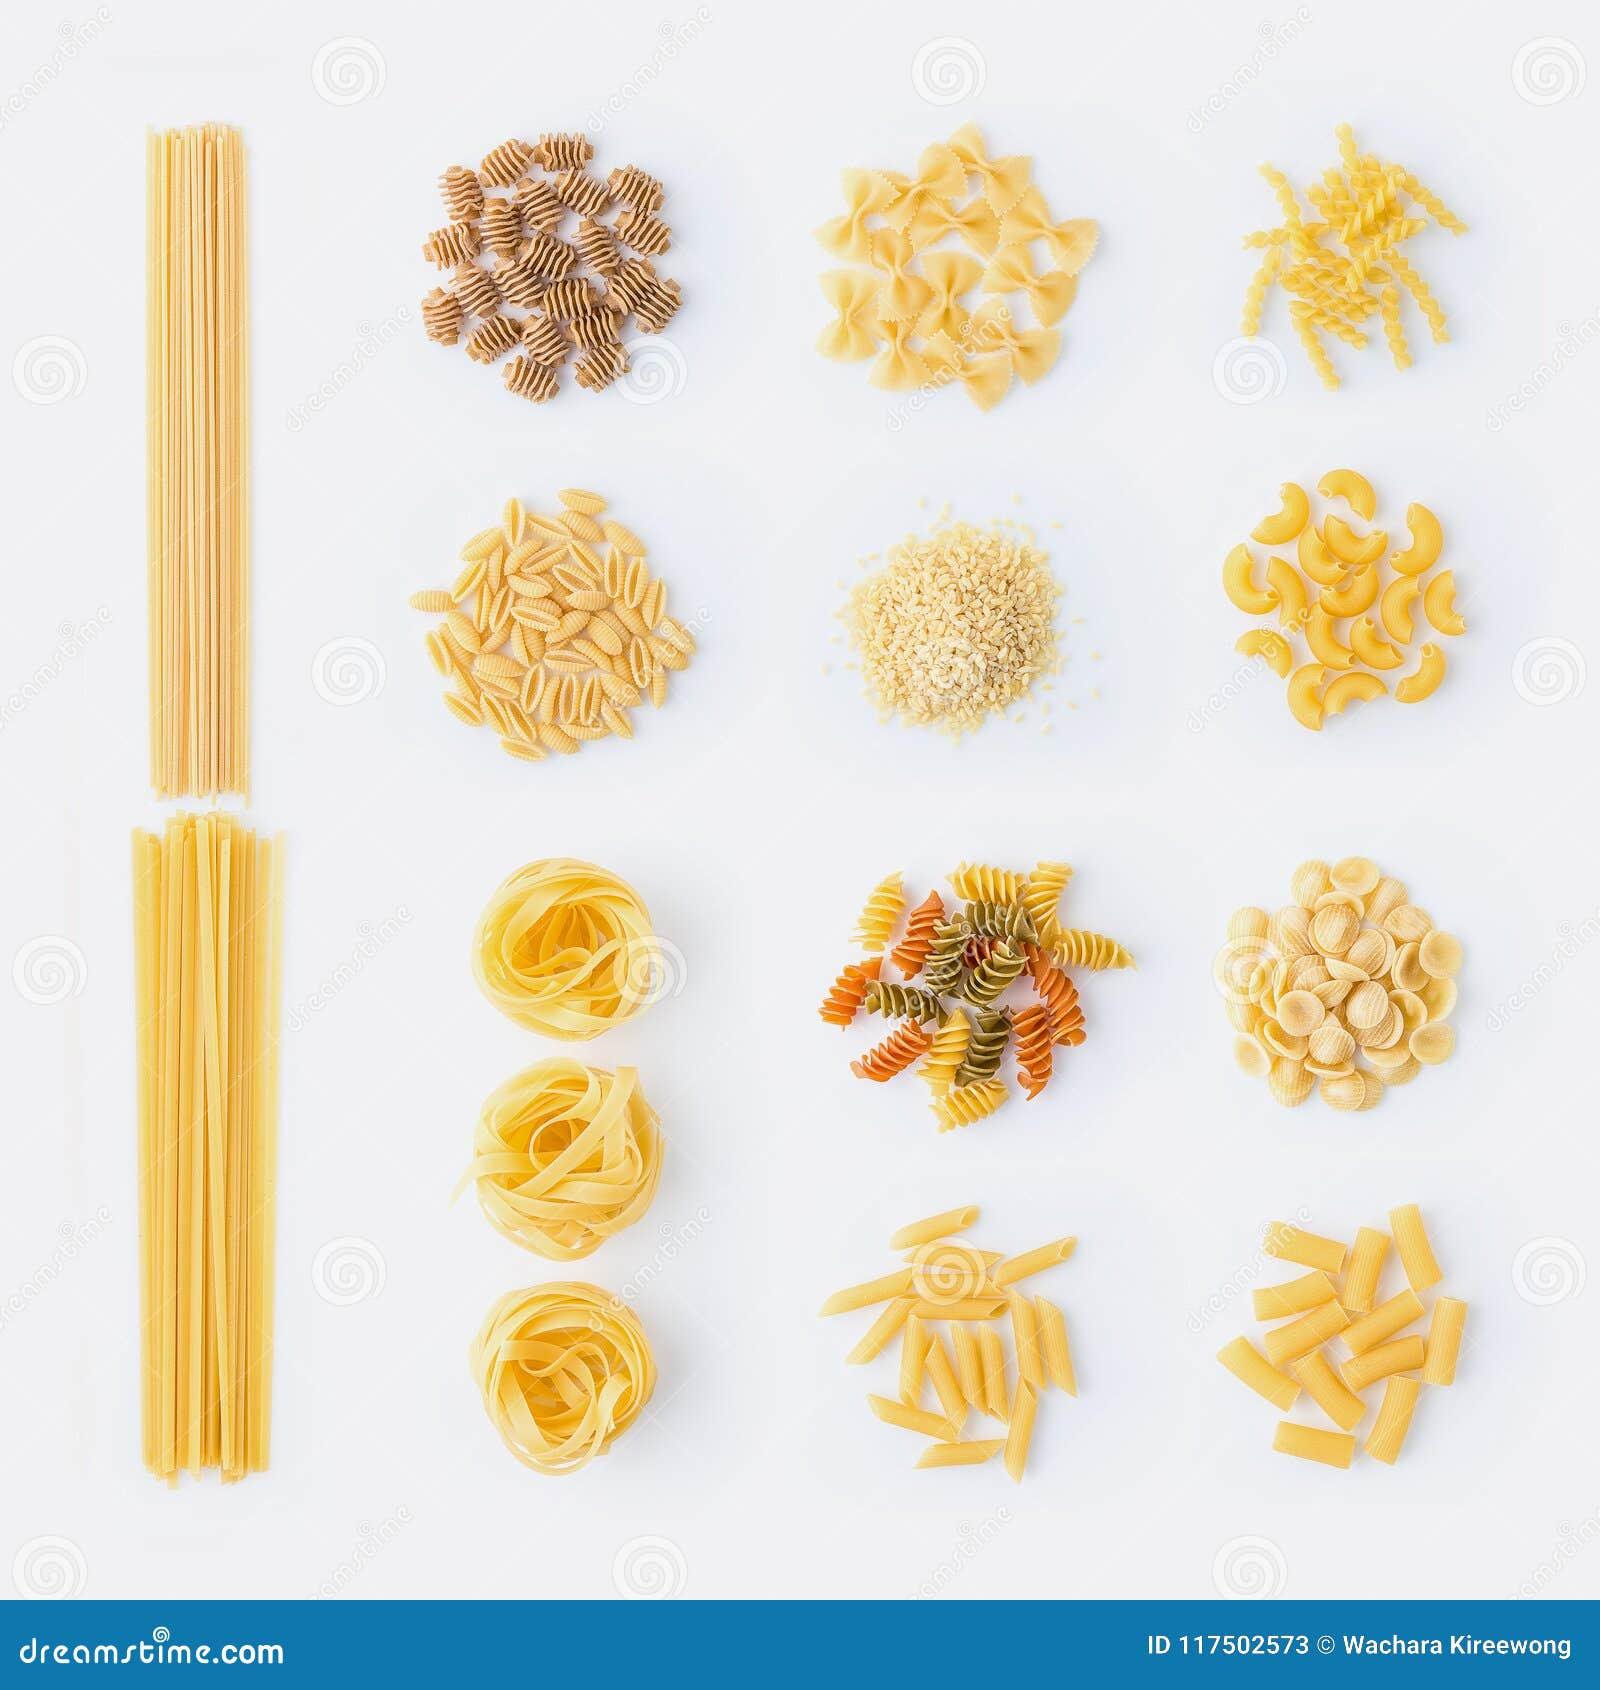 роскошь уклада жизни превосходной еды кухни carpaccio итальянская Комплект сортированных типов макаронных изделий: спагетти, maca